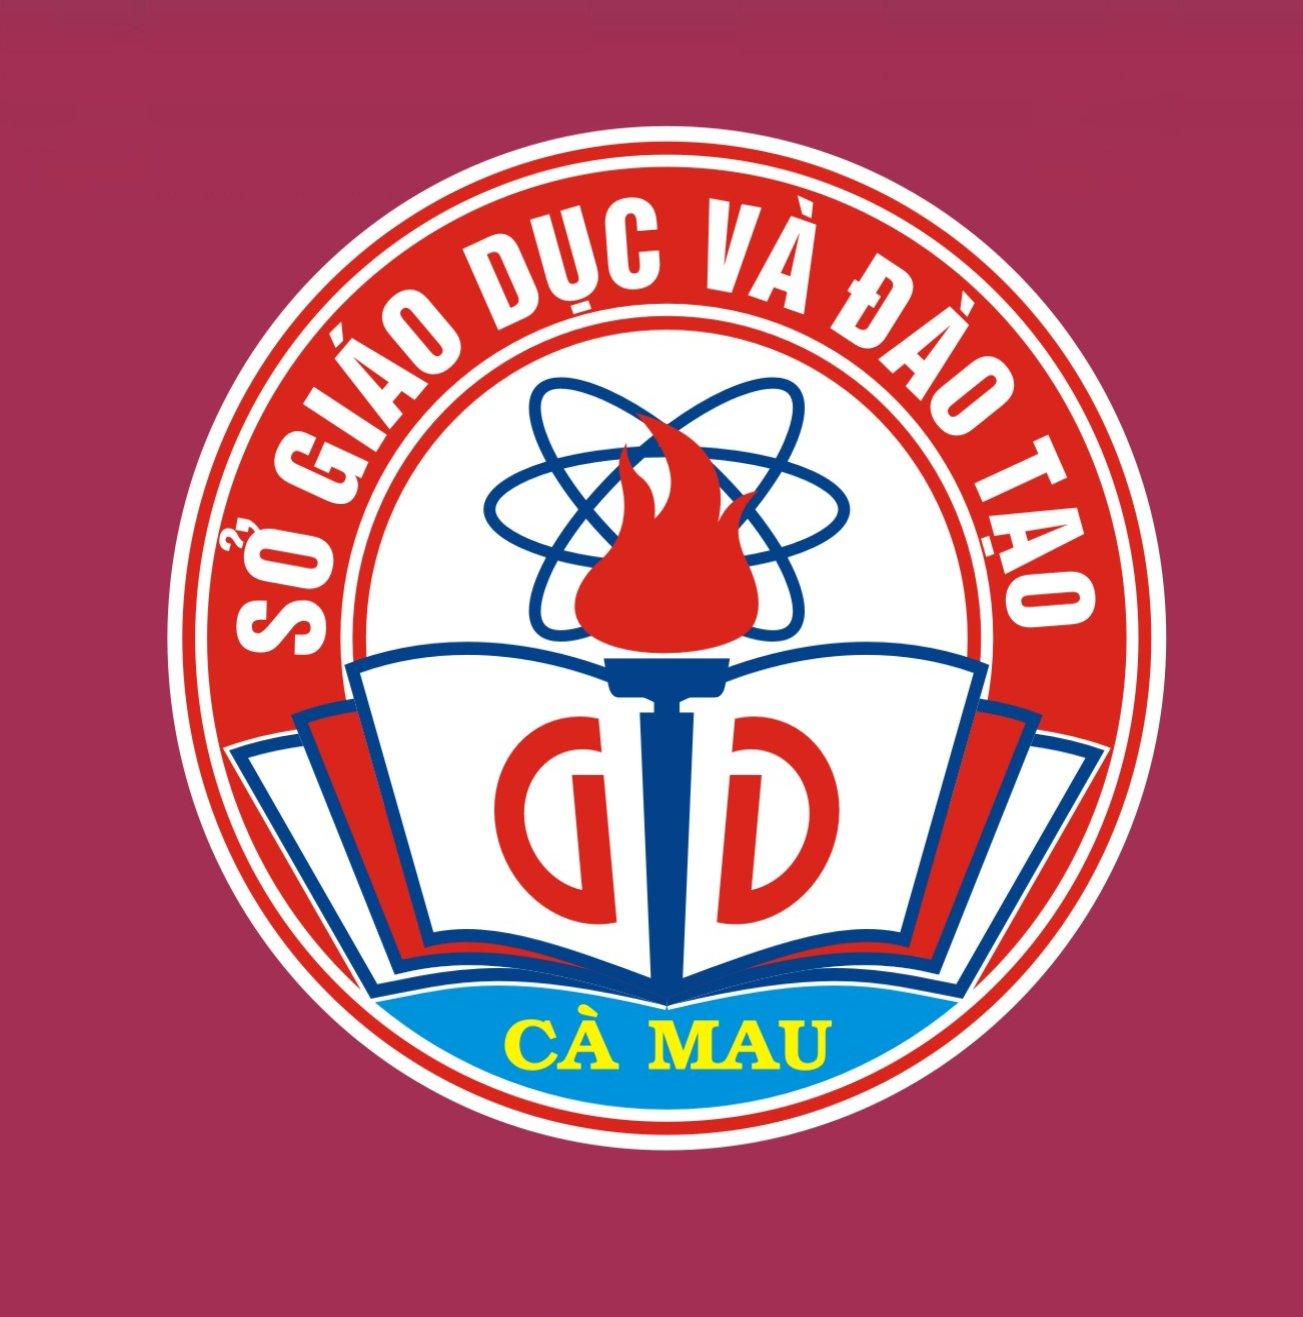 Sở Giáo dục và Đào tạo tỉnh Cà Mau